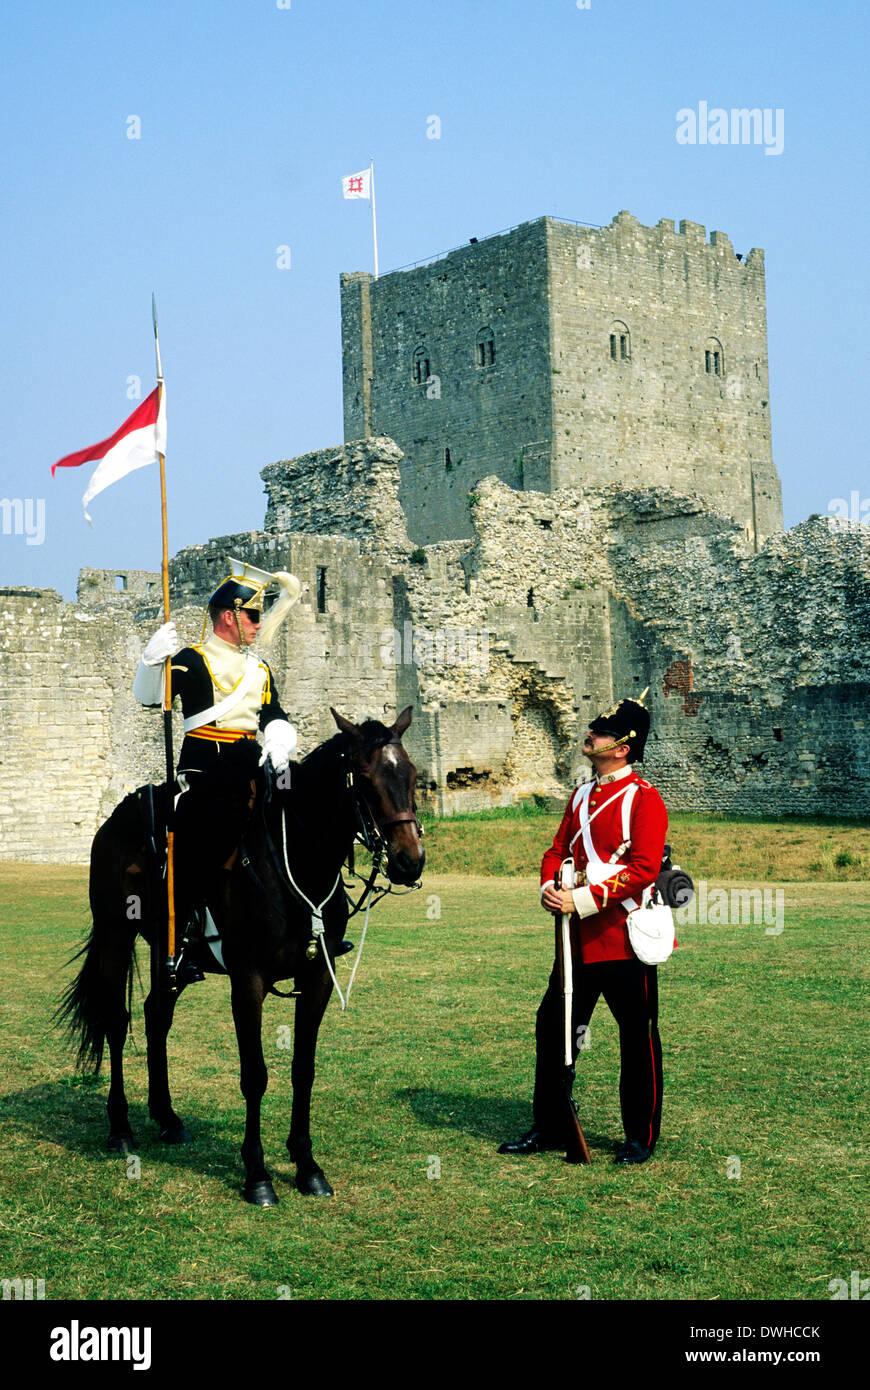 Portchester Castle, Hampshire, fin du xixe siècle, militaire britannique 17e et 57e Régiment de Lanciers Middlesex, reconstitution historique des soldats soldat cavalier cavalerie England UK Photo Stock